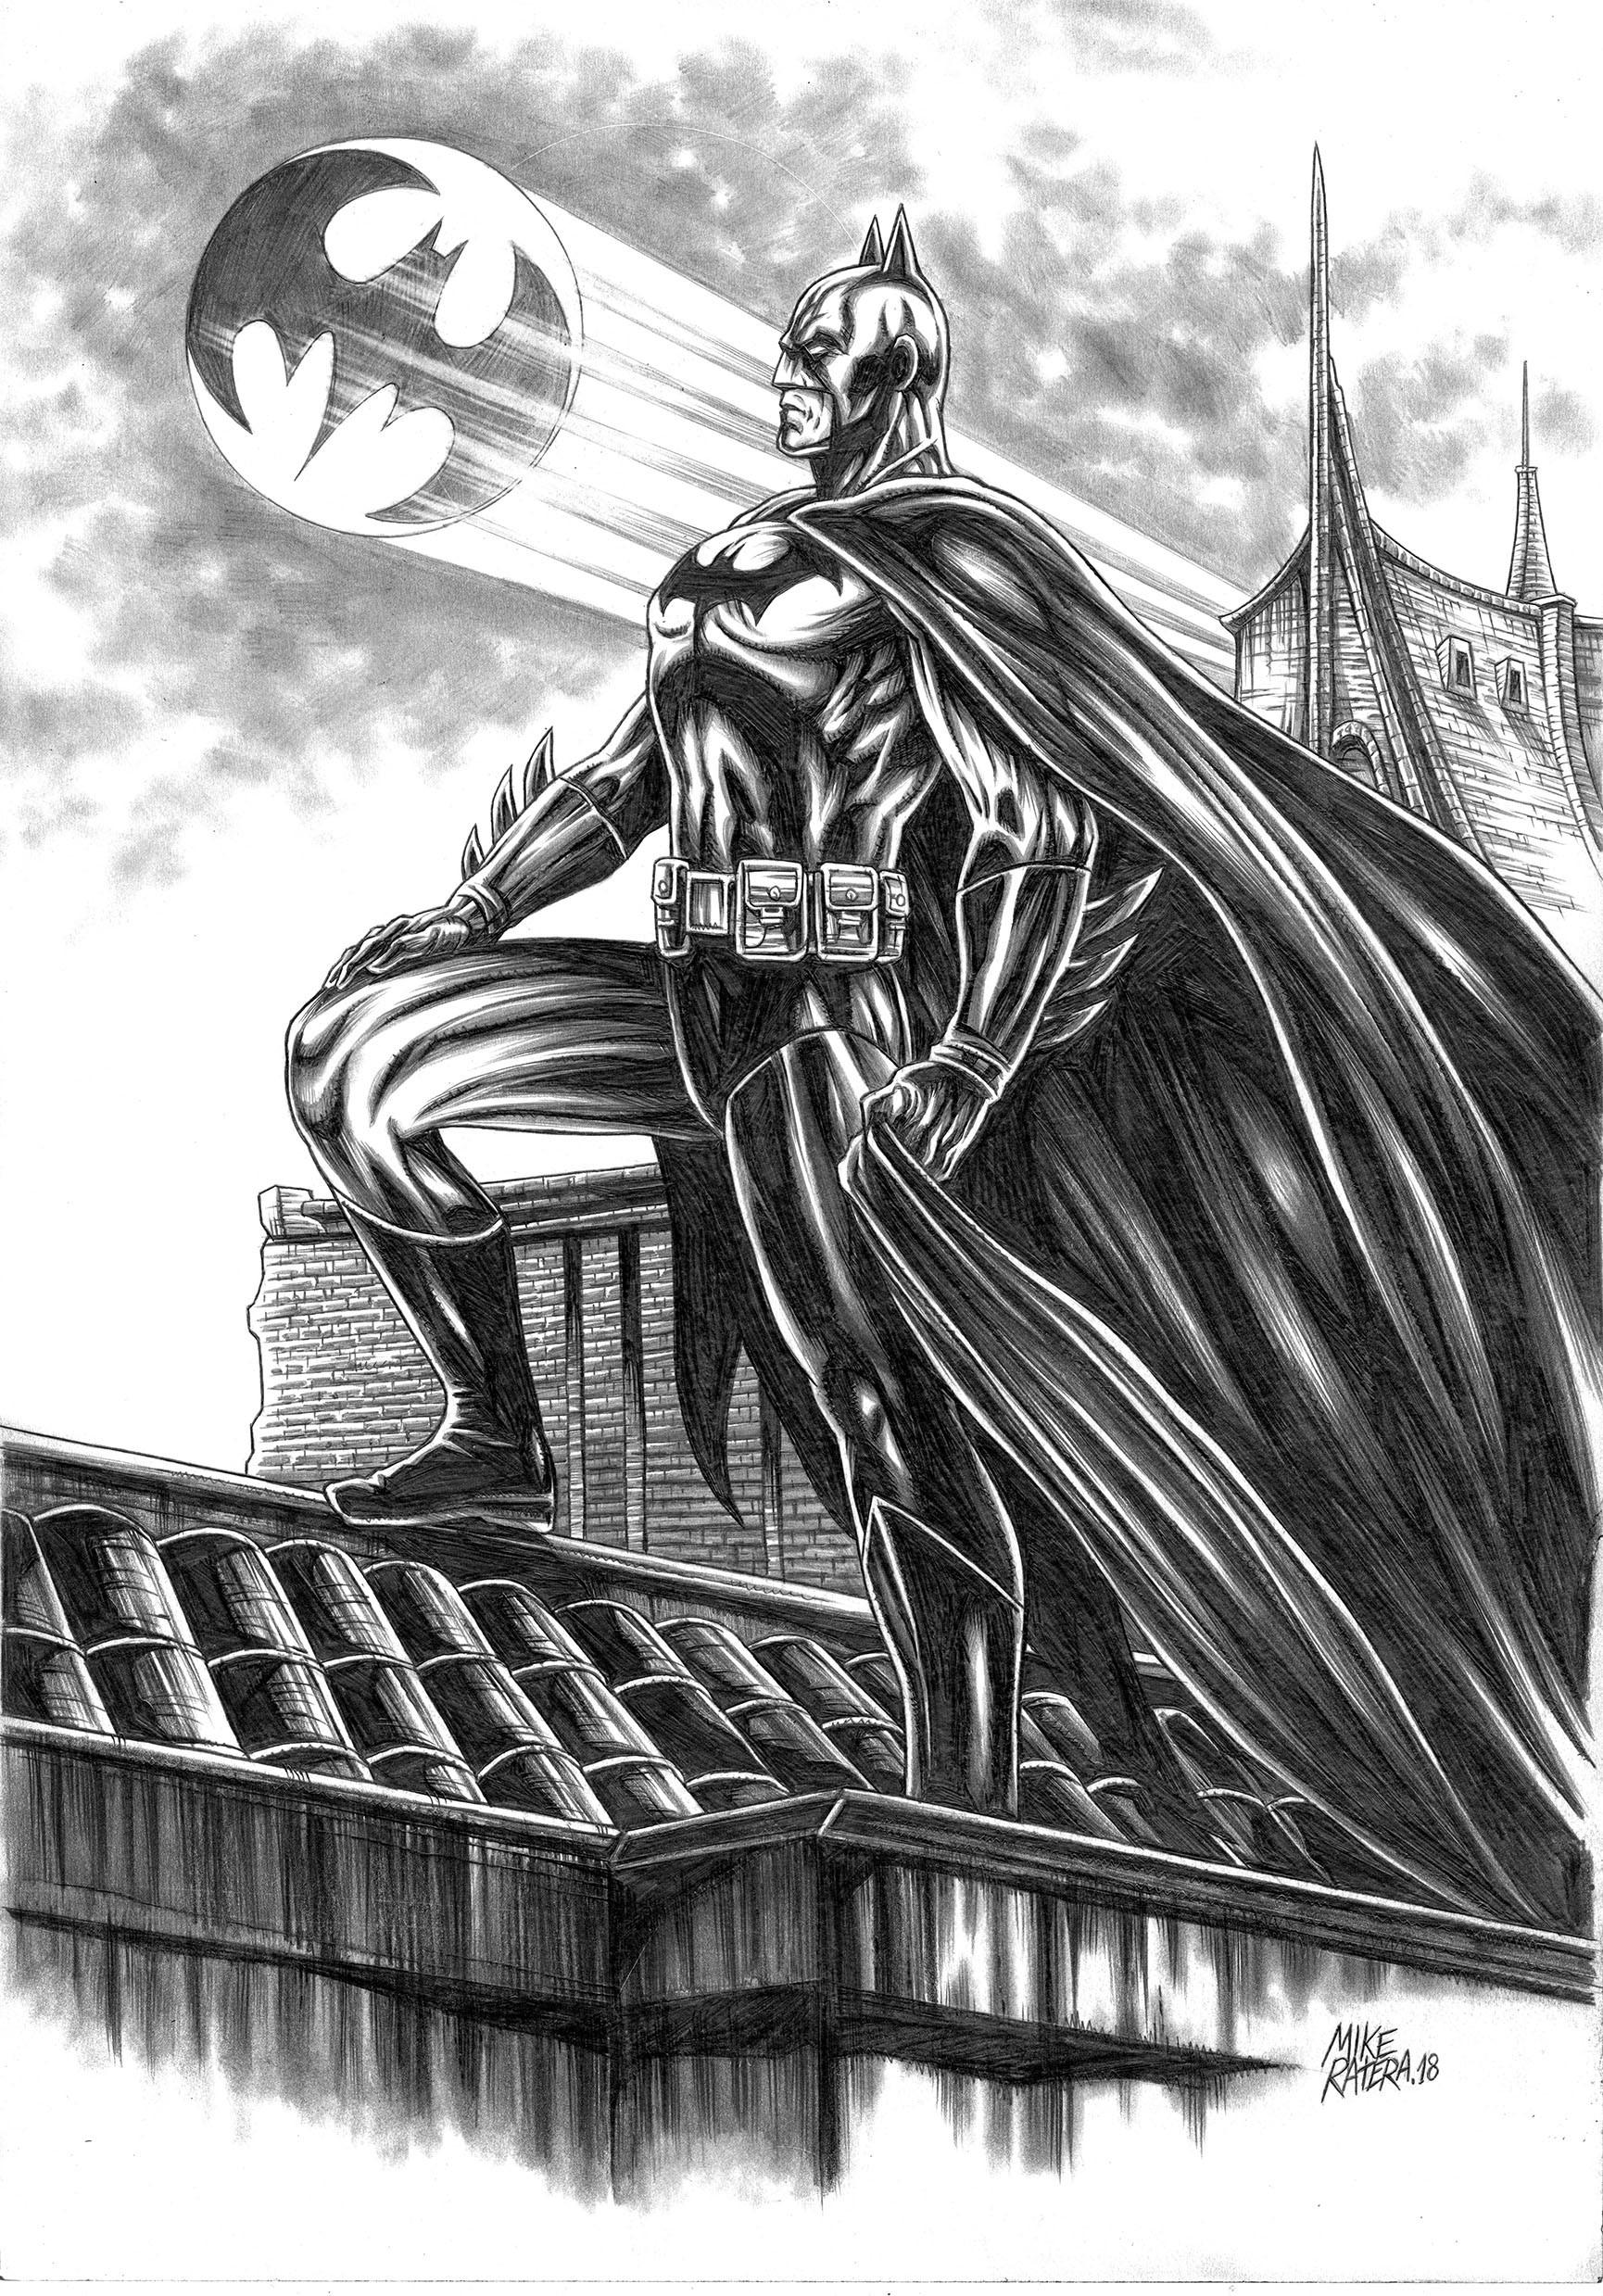 Mike ratera batman 01 a3 3